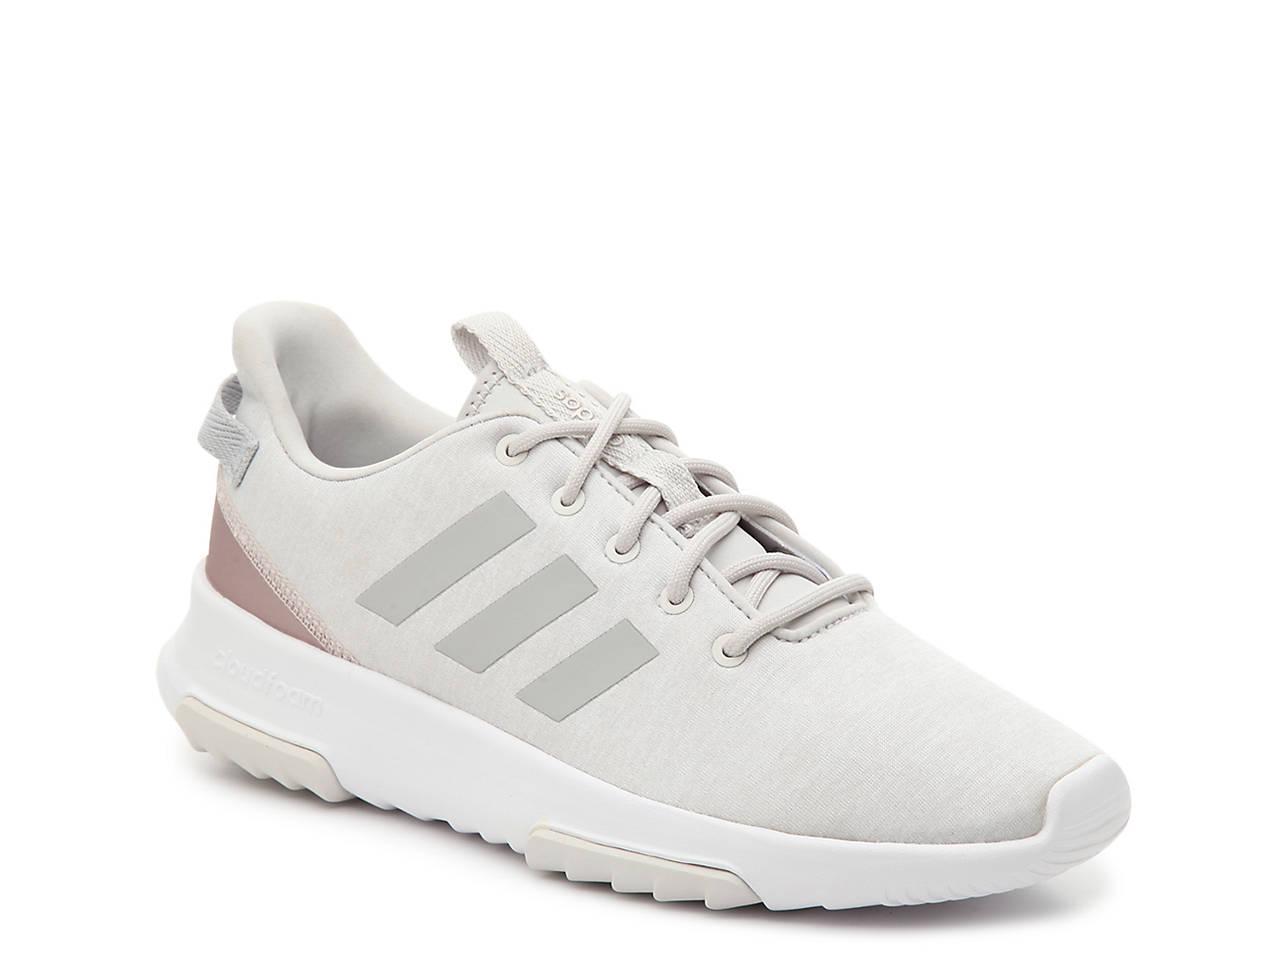 ce824b9e5439 adidas Cloudfoam Racer Sneaker - Women s Women s Shoes